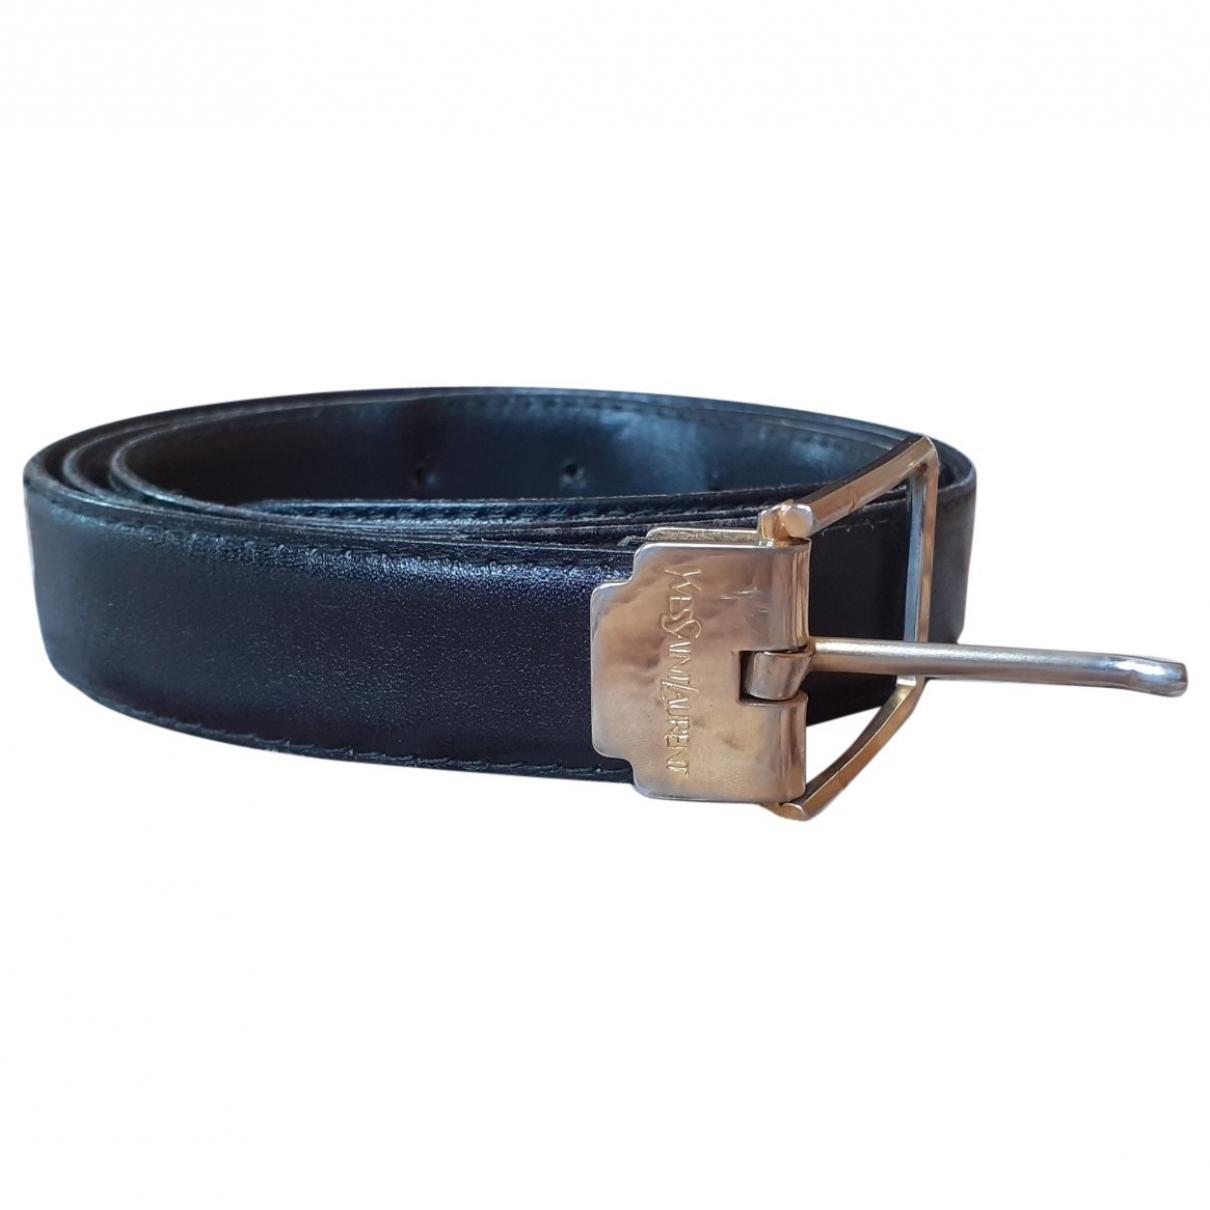 Yves Saint Laurent \N Black Leather belt for Men 100 cm